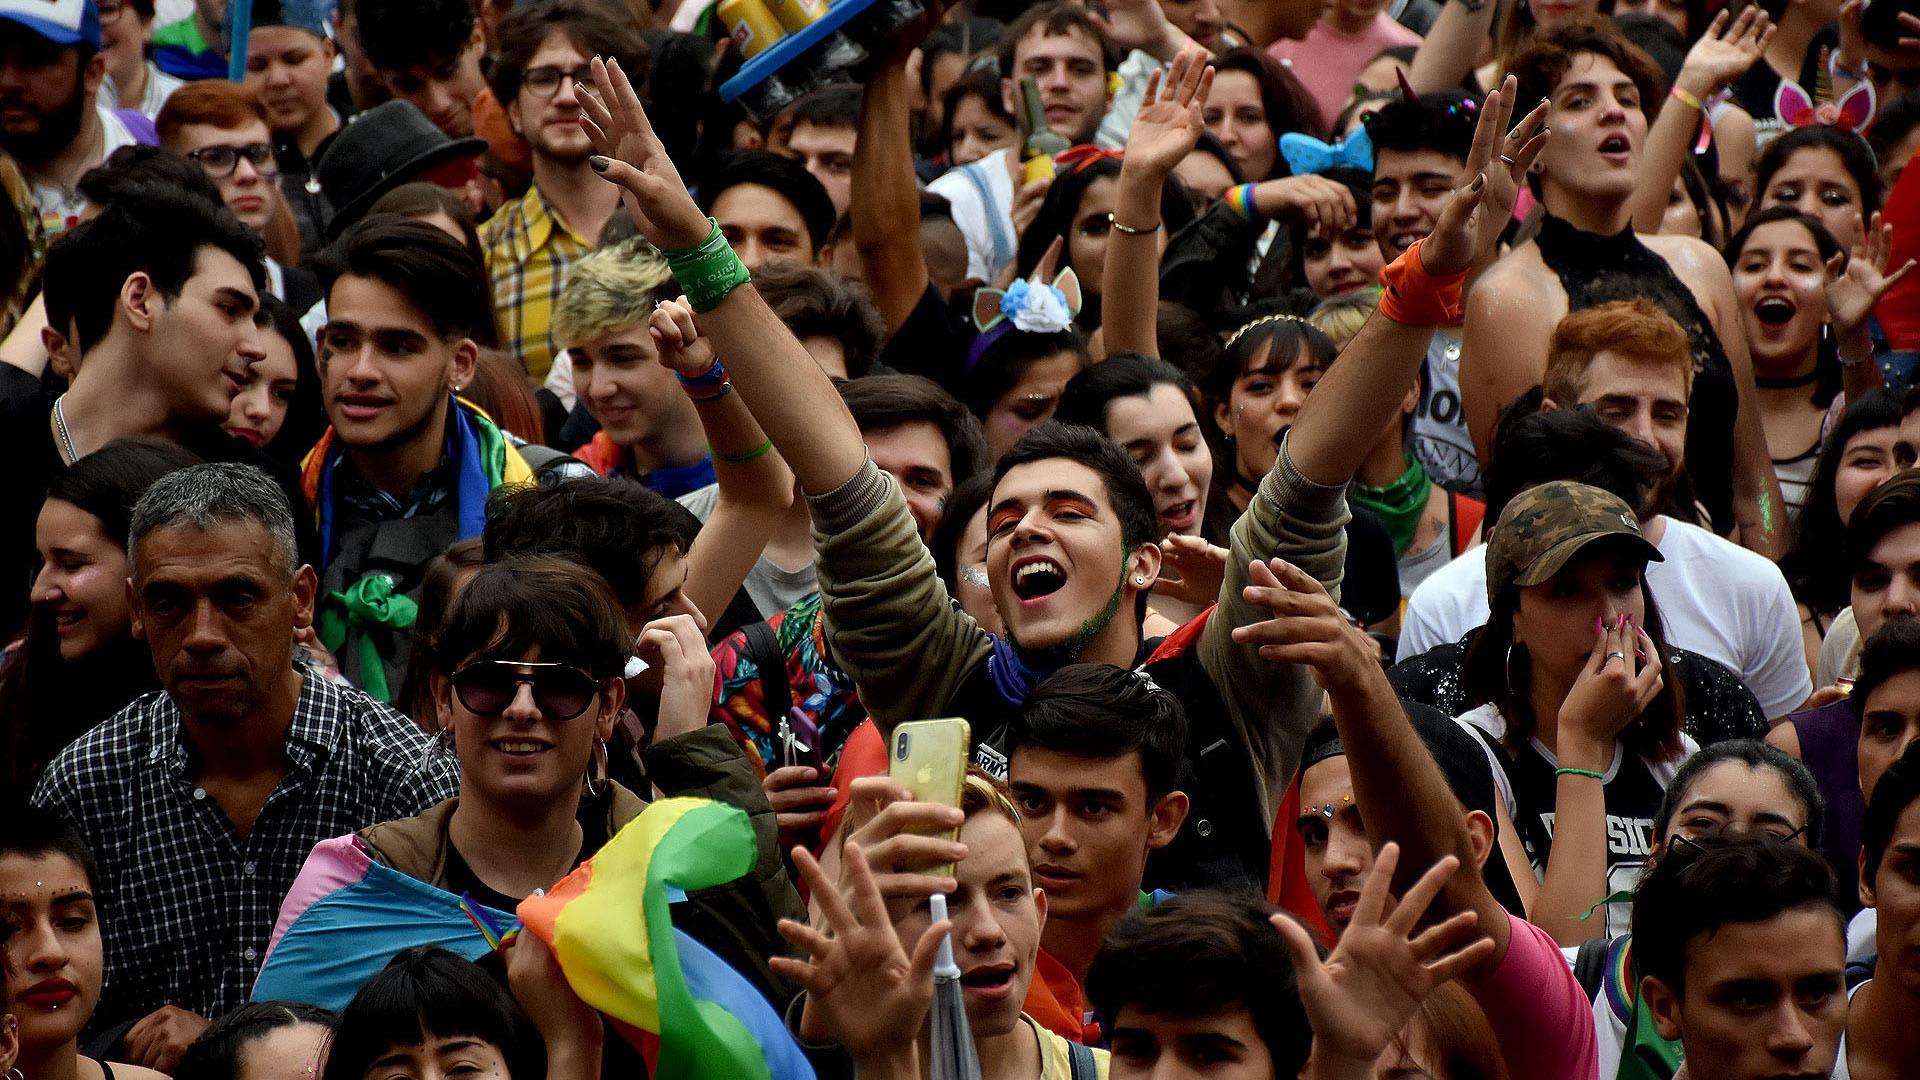 En Plaza de Mayo, hubo varios shows musicales con el cierre de Jimena Barón